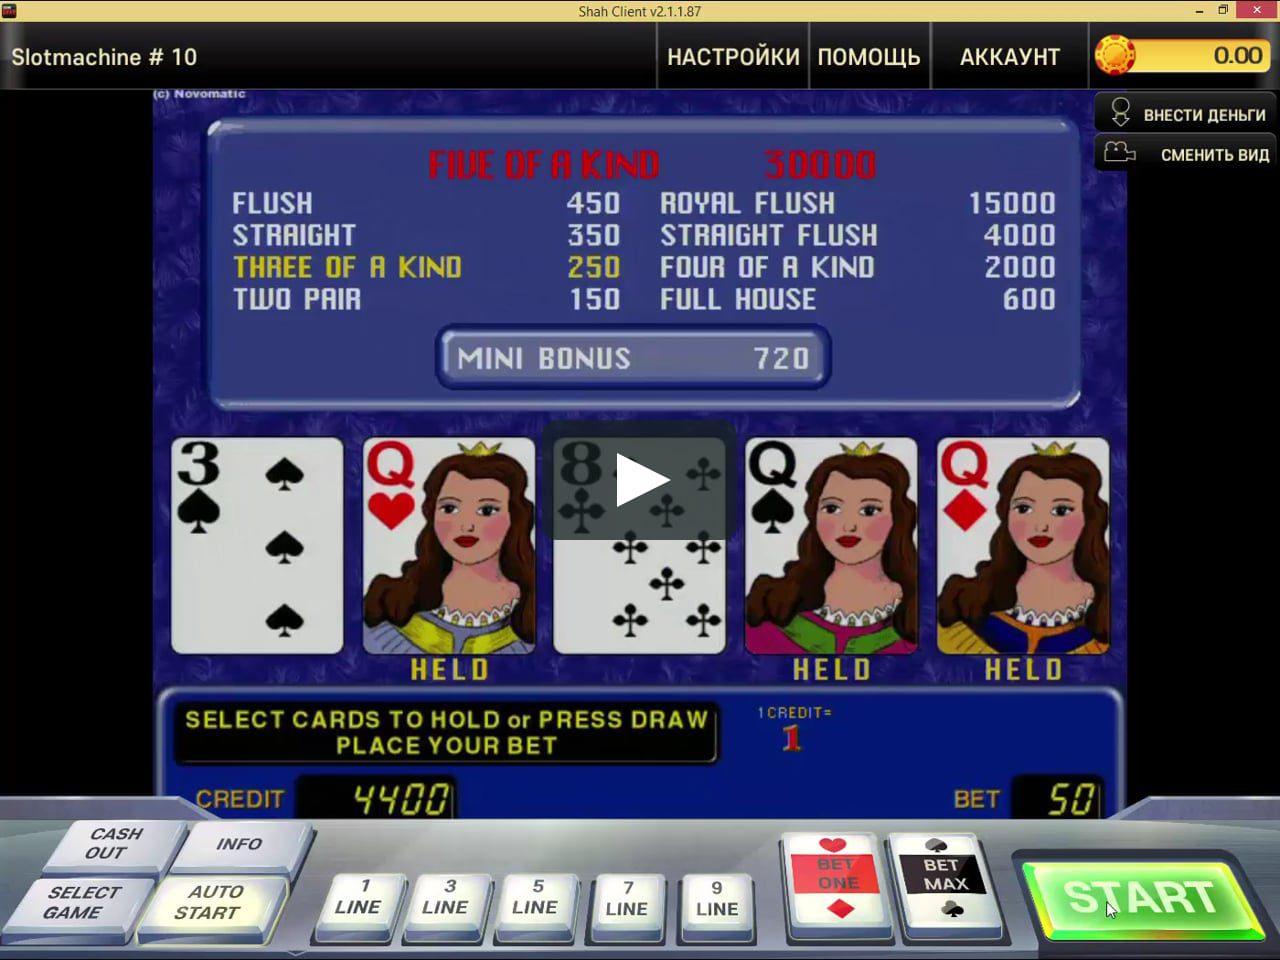 Обзор игрового автомата онлайн Американский Покер